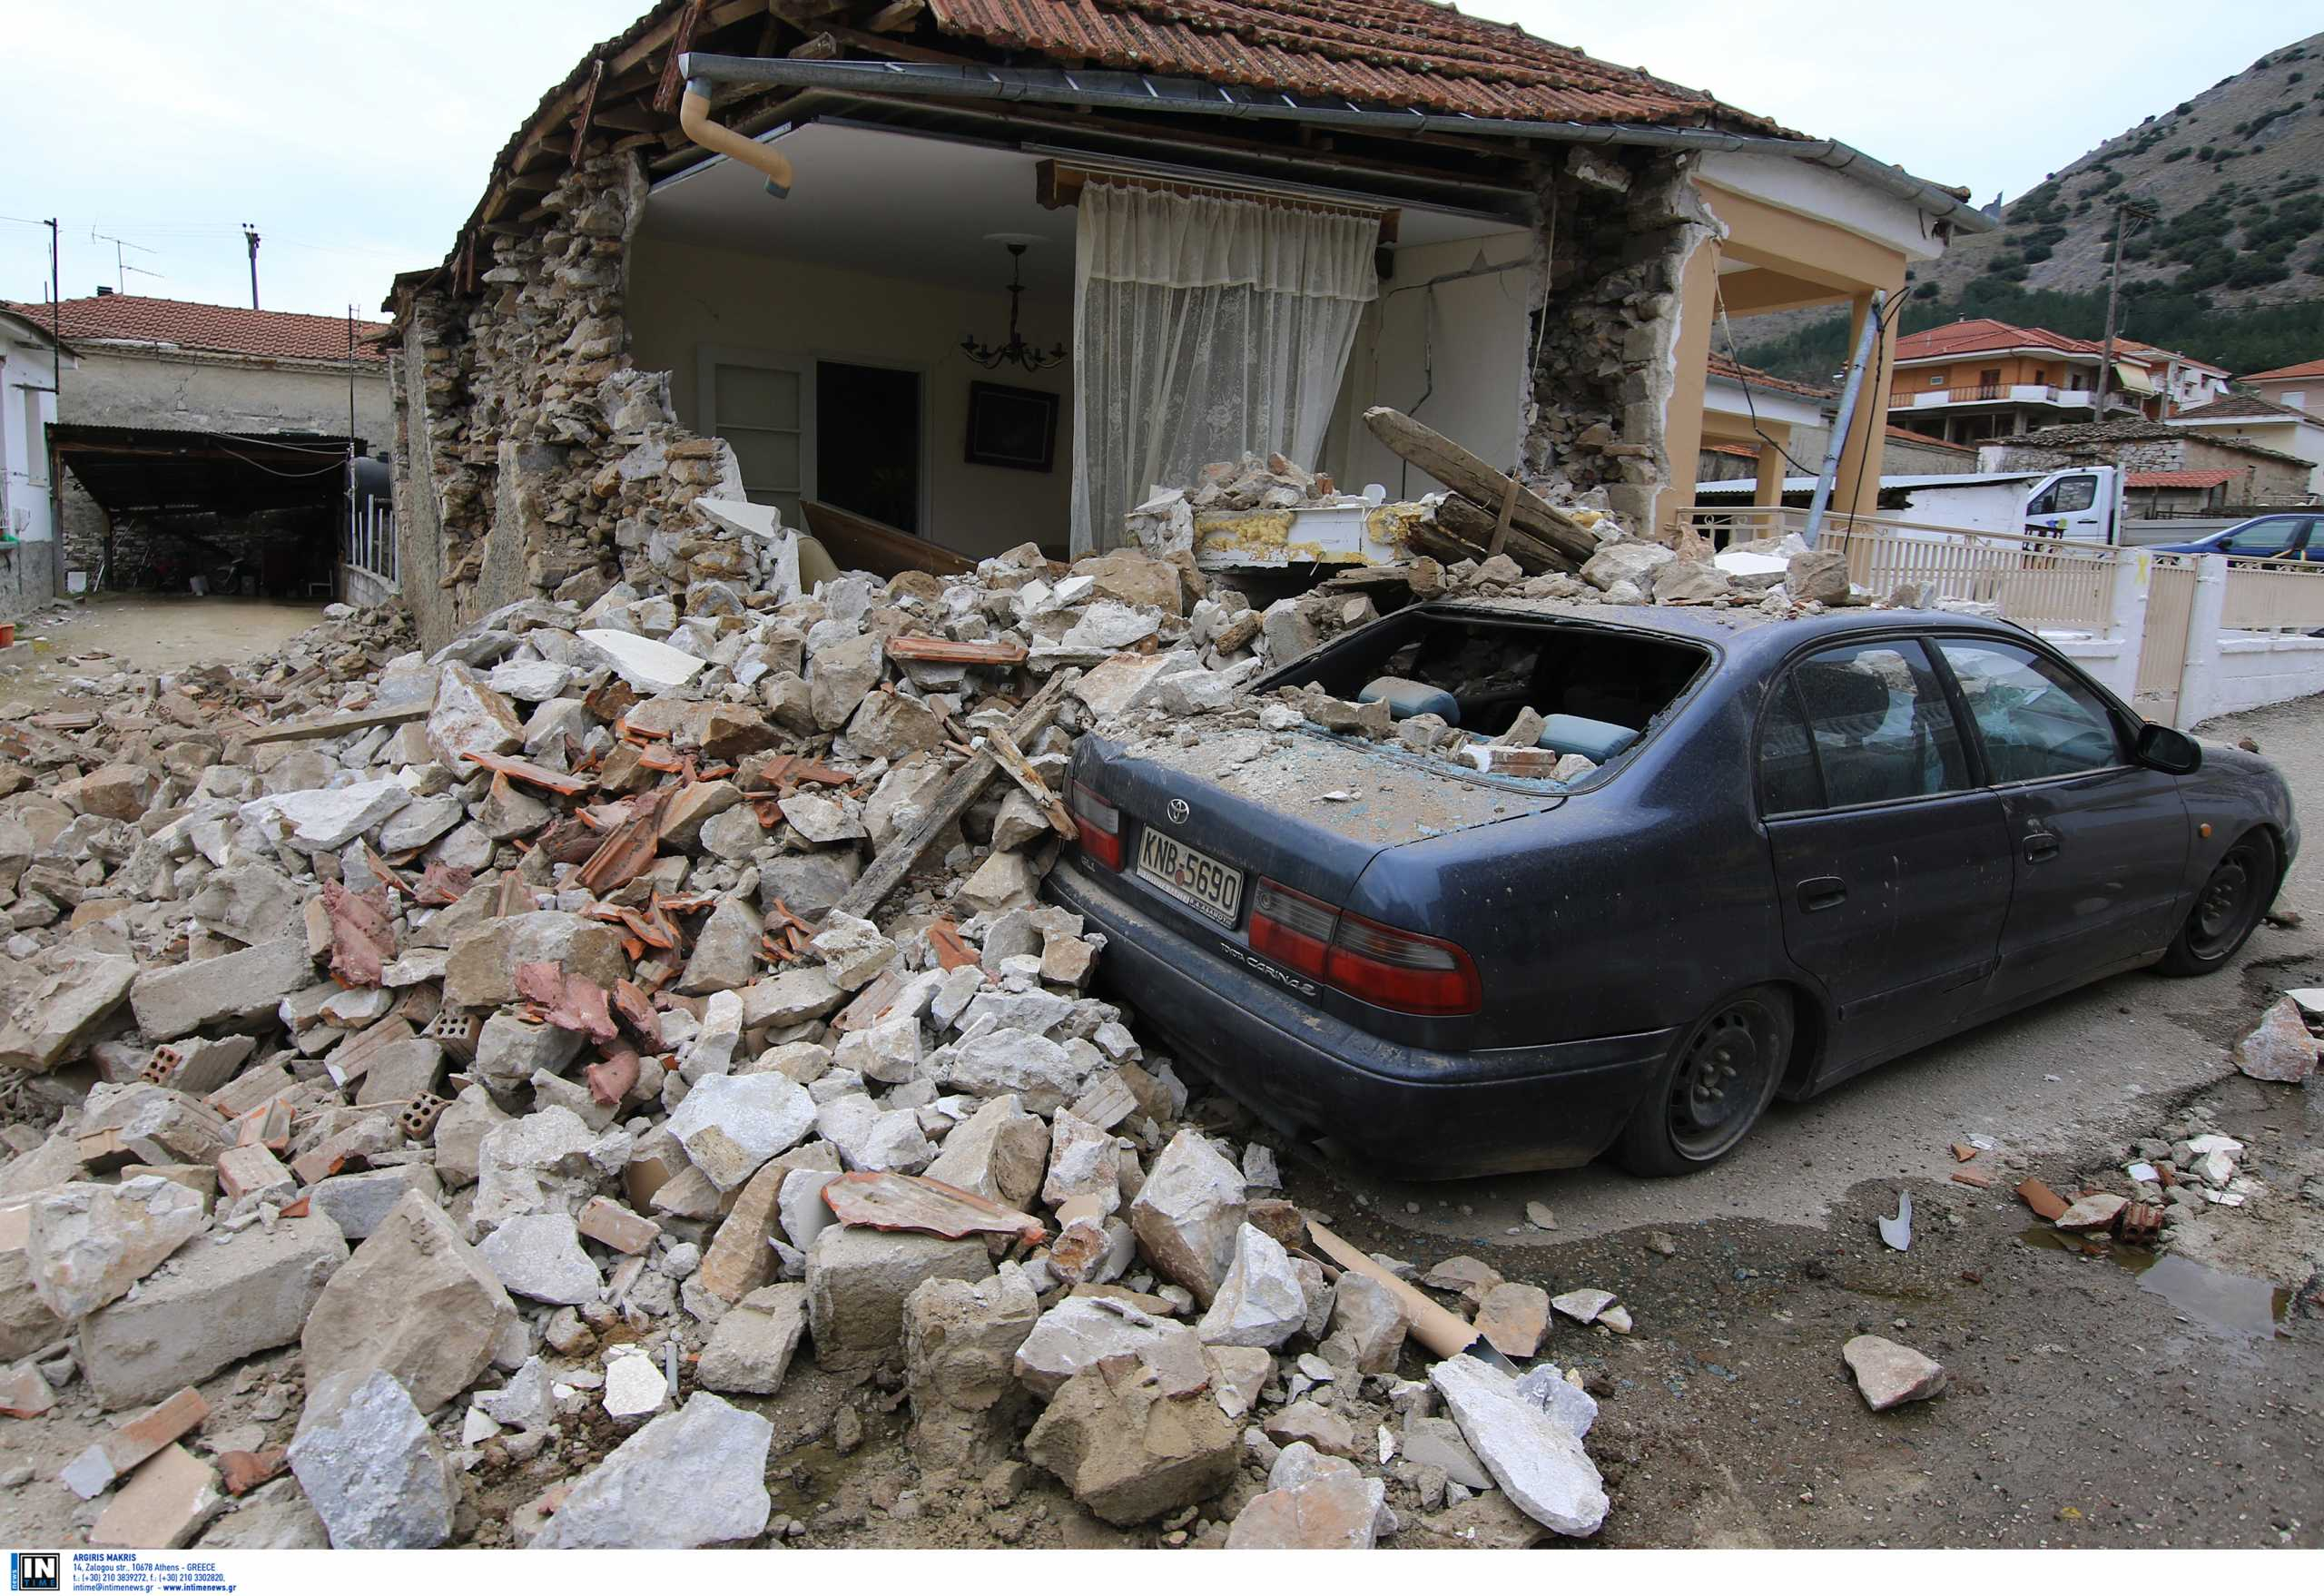 Σεισμός – Ελασσόνα: Αυτό είναι το πόρισμα των σεισμολόγων για τα 6 Ρίχτερ – Φόβοι για δυνατούς μετασεισμούς (video)